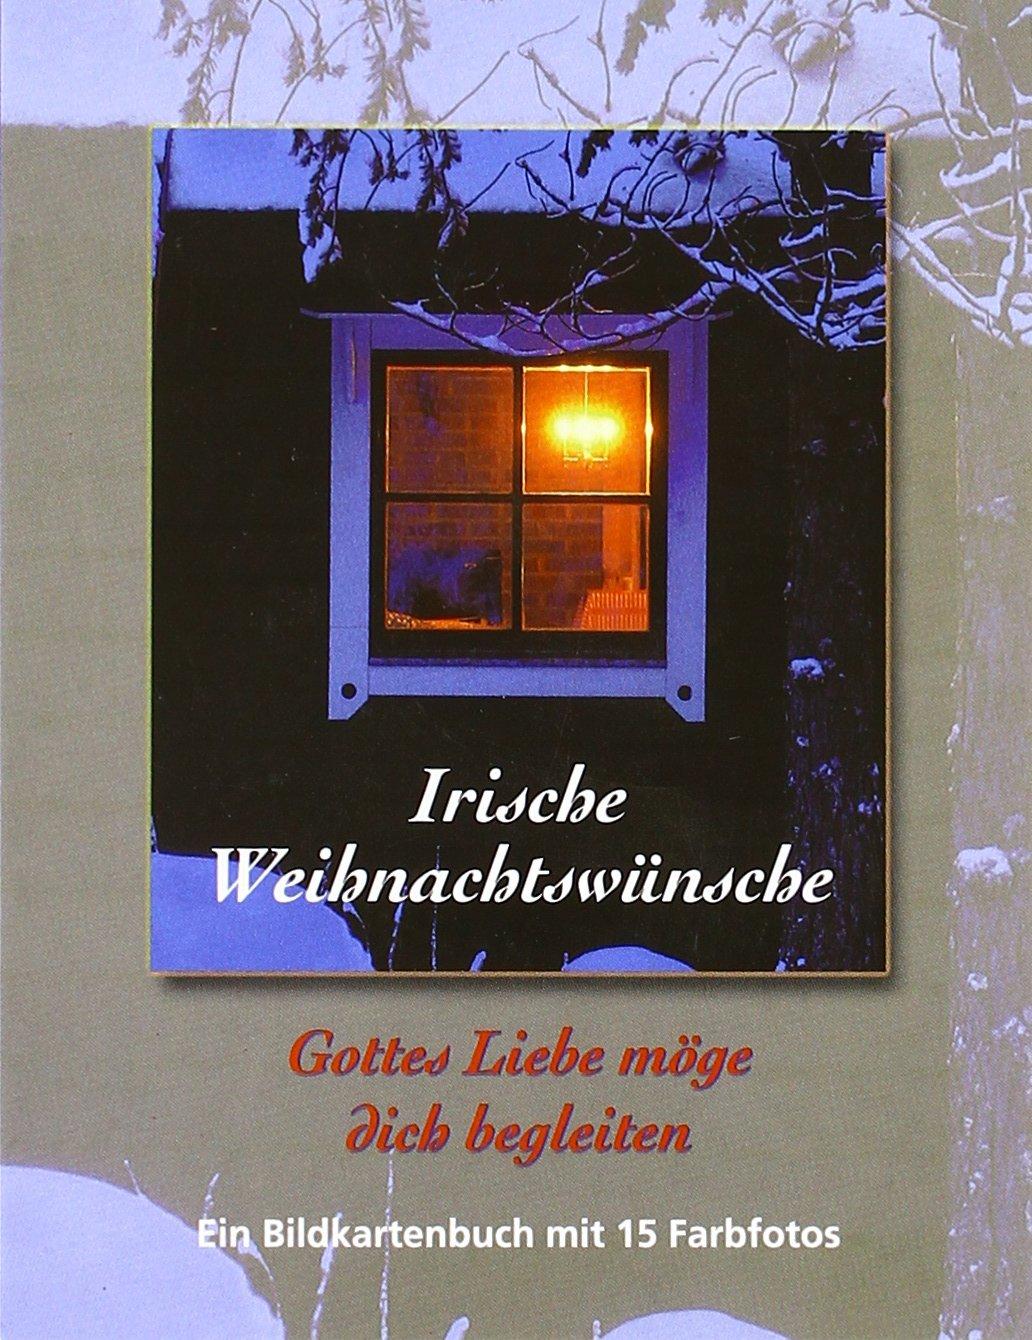 Irische Weihnachtswünsche.Gottes Liebe Möge Dich Begleiten Bildkartenbuch Amazon De Bücher